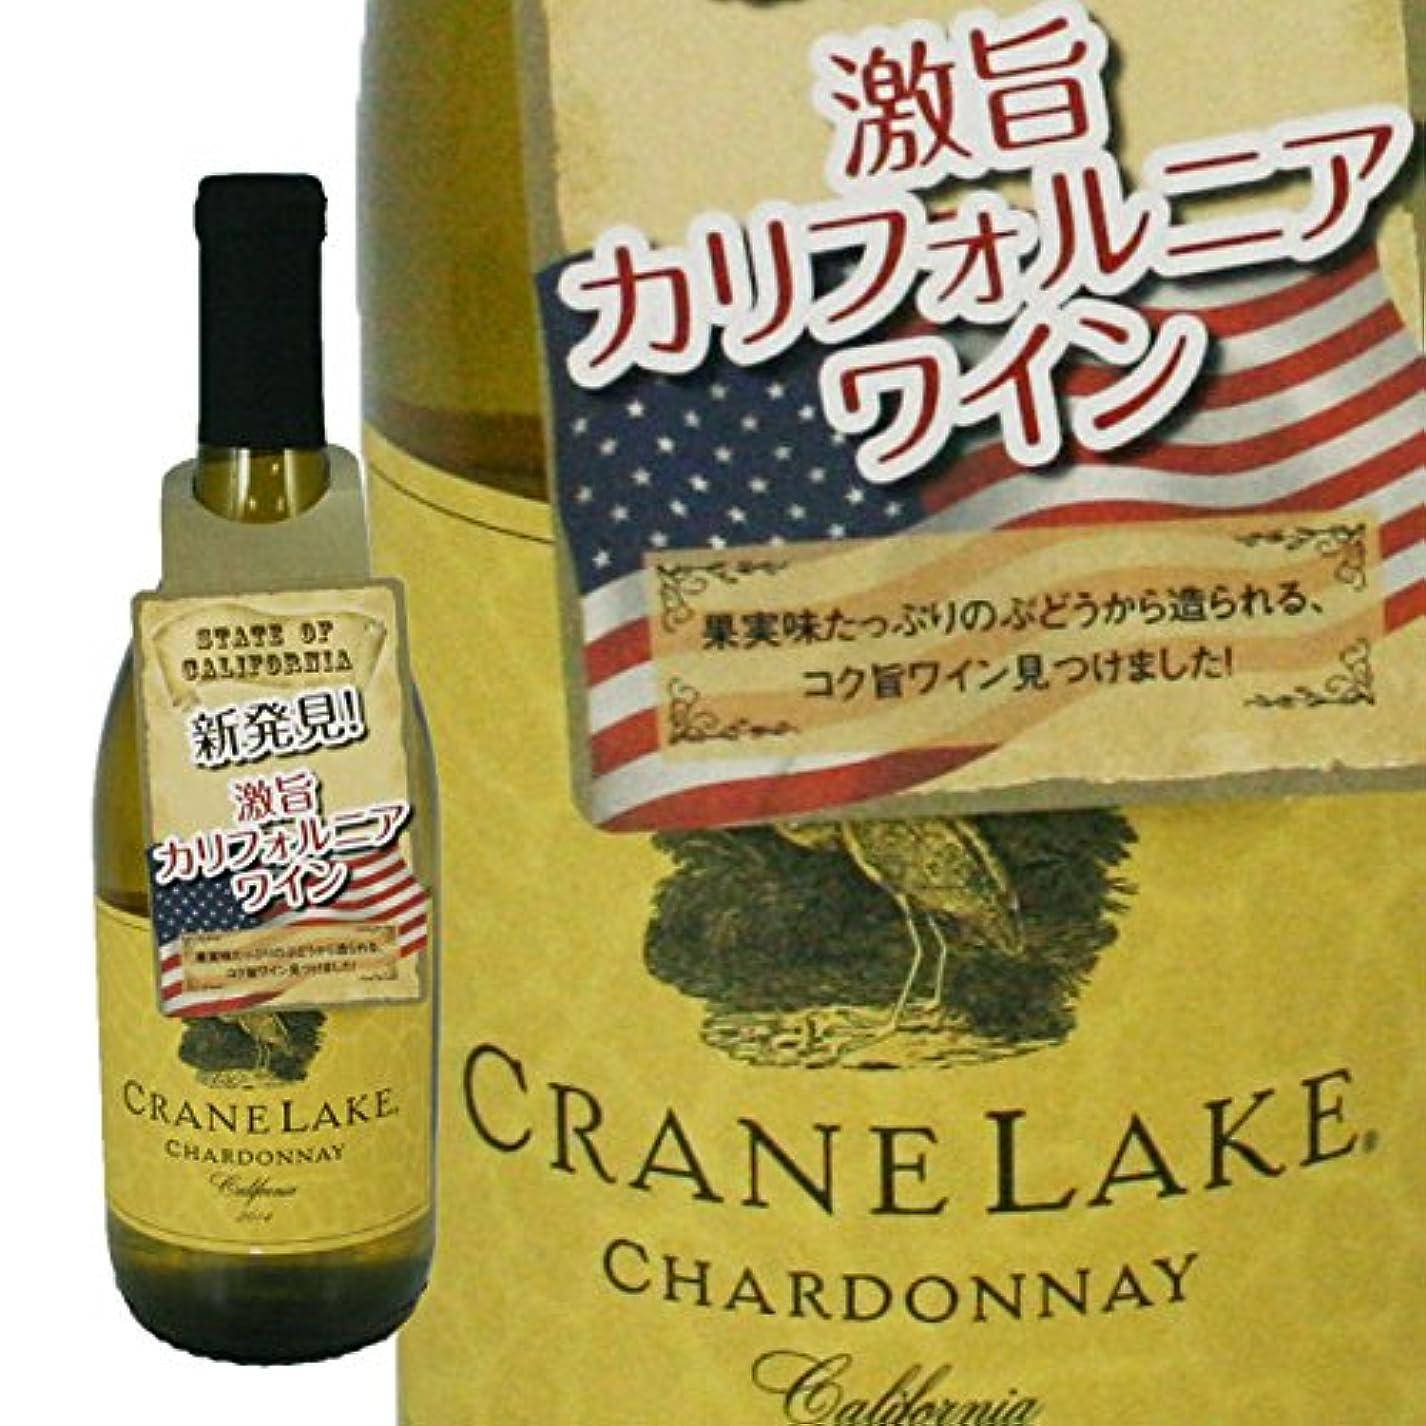 世界セマフォ宝石クレインレイク シャルドネ カリフォルニアワイン